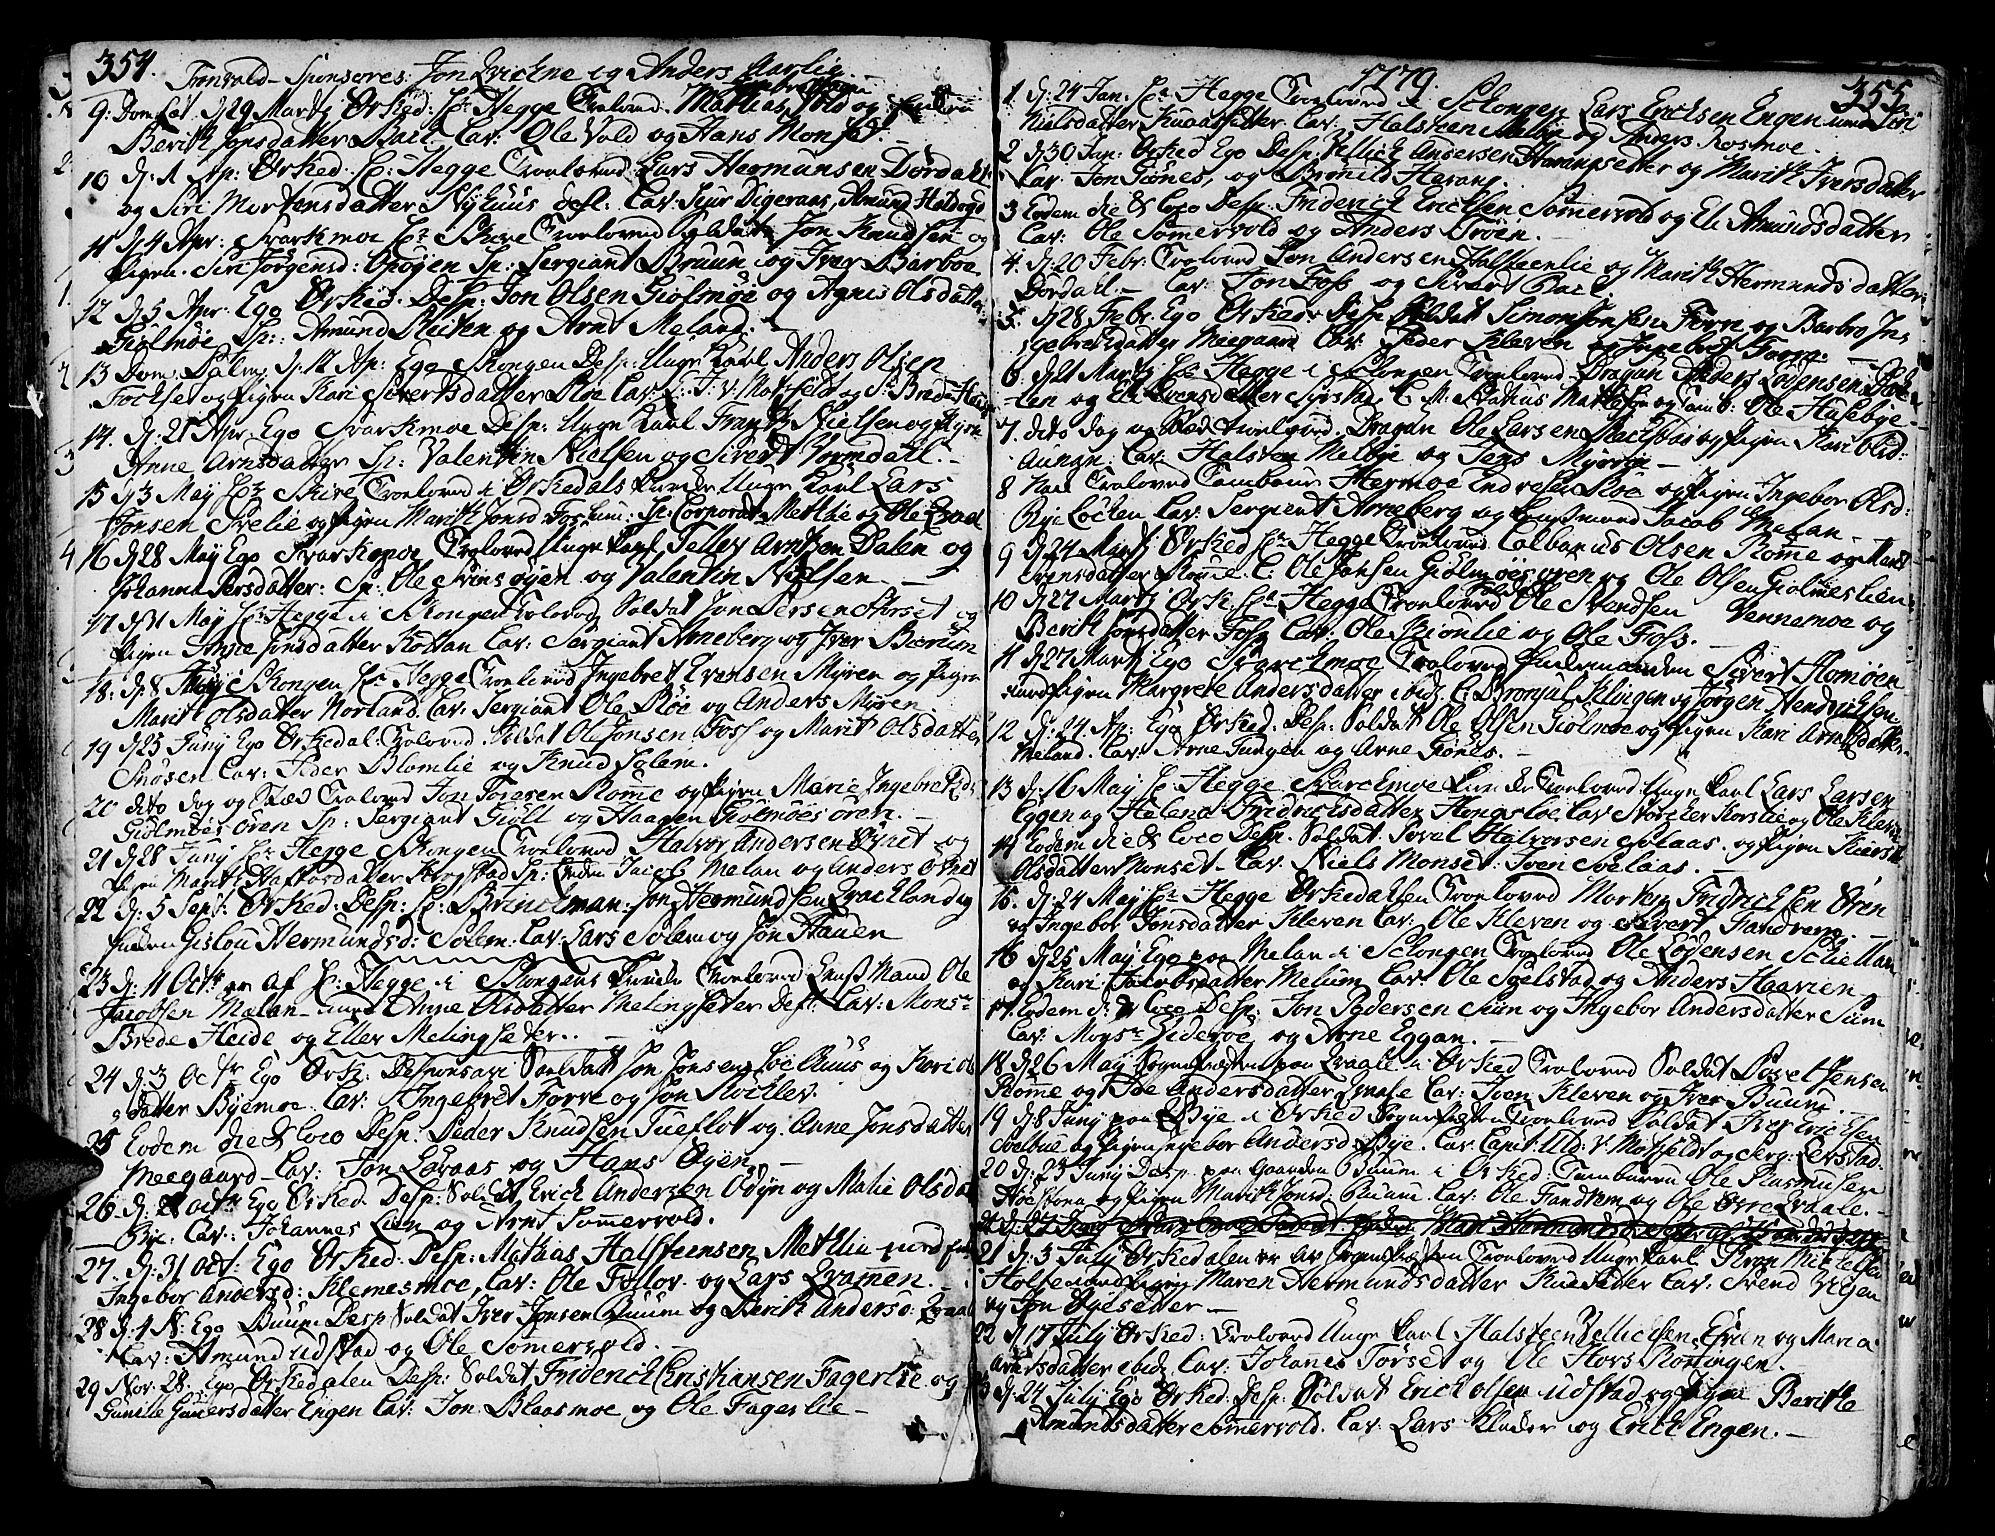 SAT, Ministerialprotokoller, klokkerbøker og fødselsregistre - Sør-Trøndelag, 668/L0802: Ministerialbok nr. 668A02, 1776-1799, s. 354-355